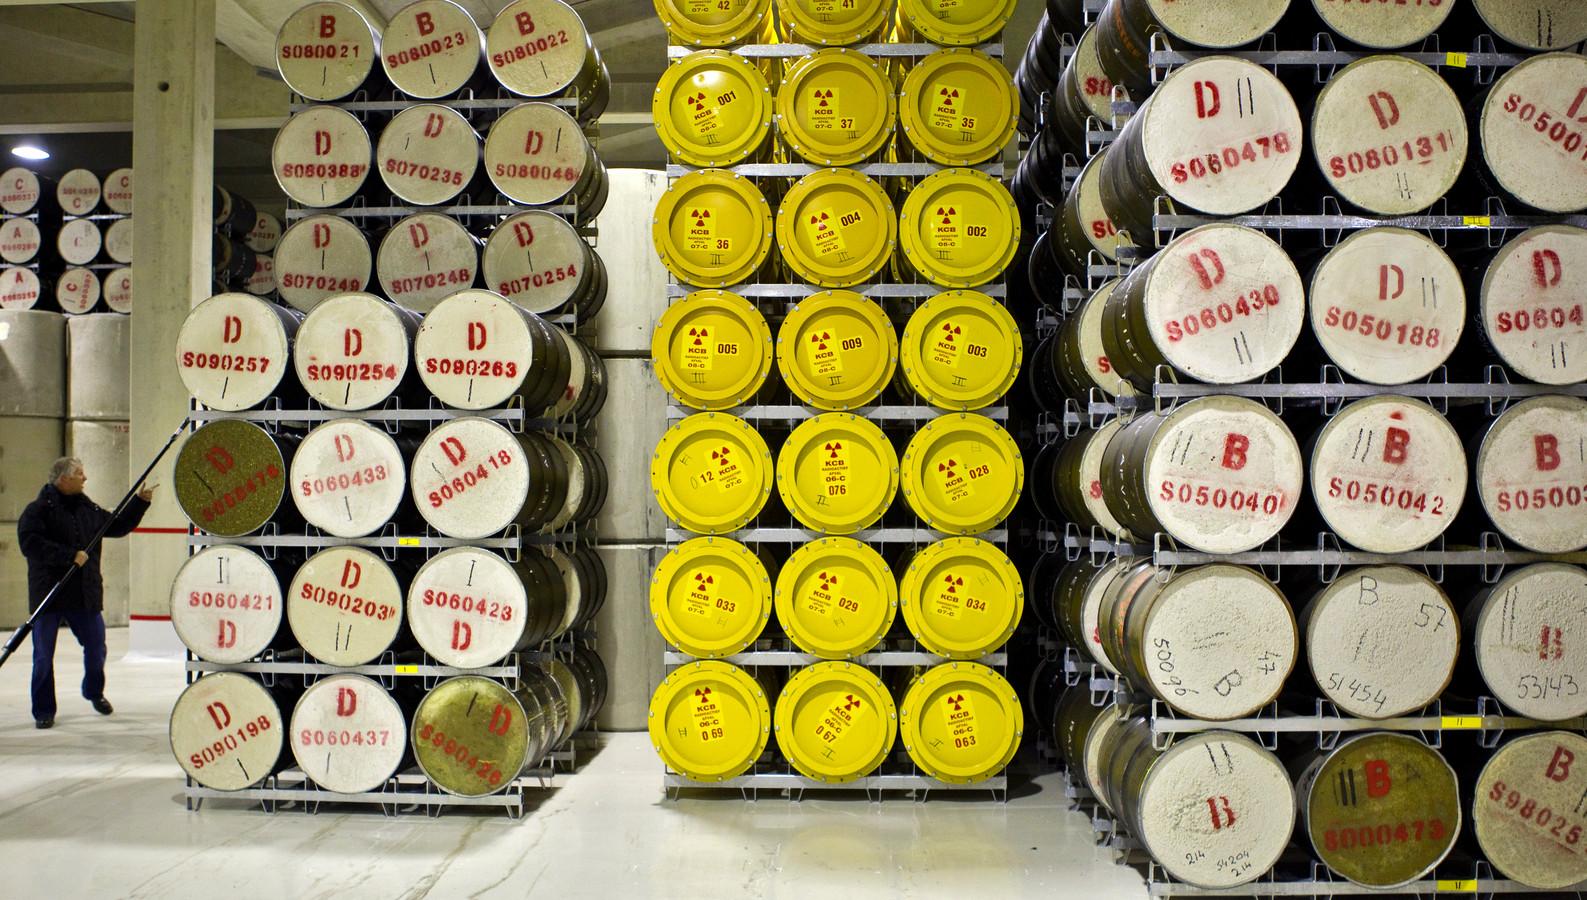 Radioactief afval bij COVRA (Centrale Opslag Radioactief Afval) in Borssele. Hier vindt de verzameling, verwerking en opslag van radioactief afval plaats.